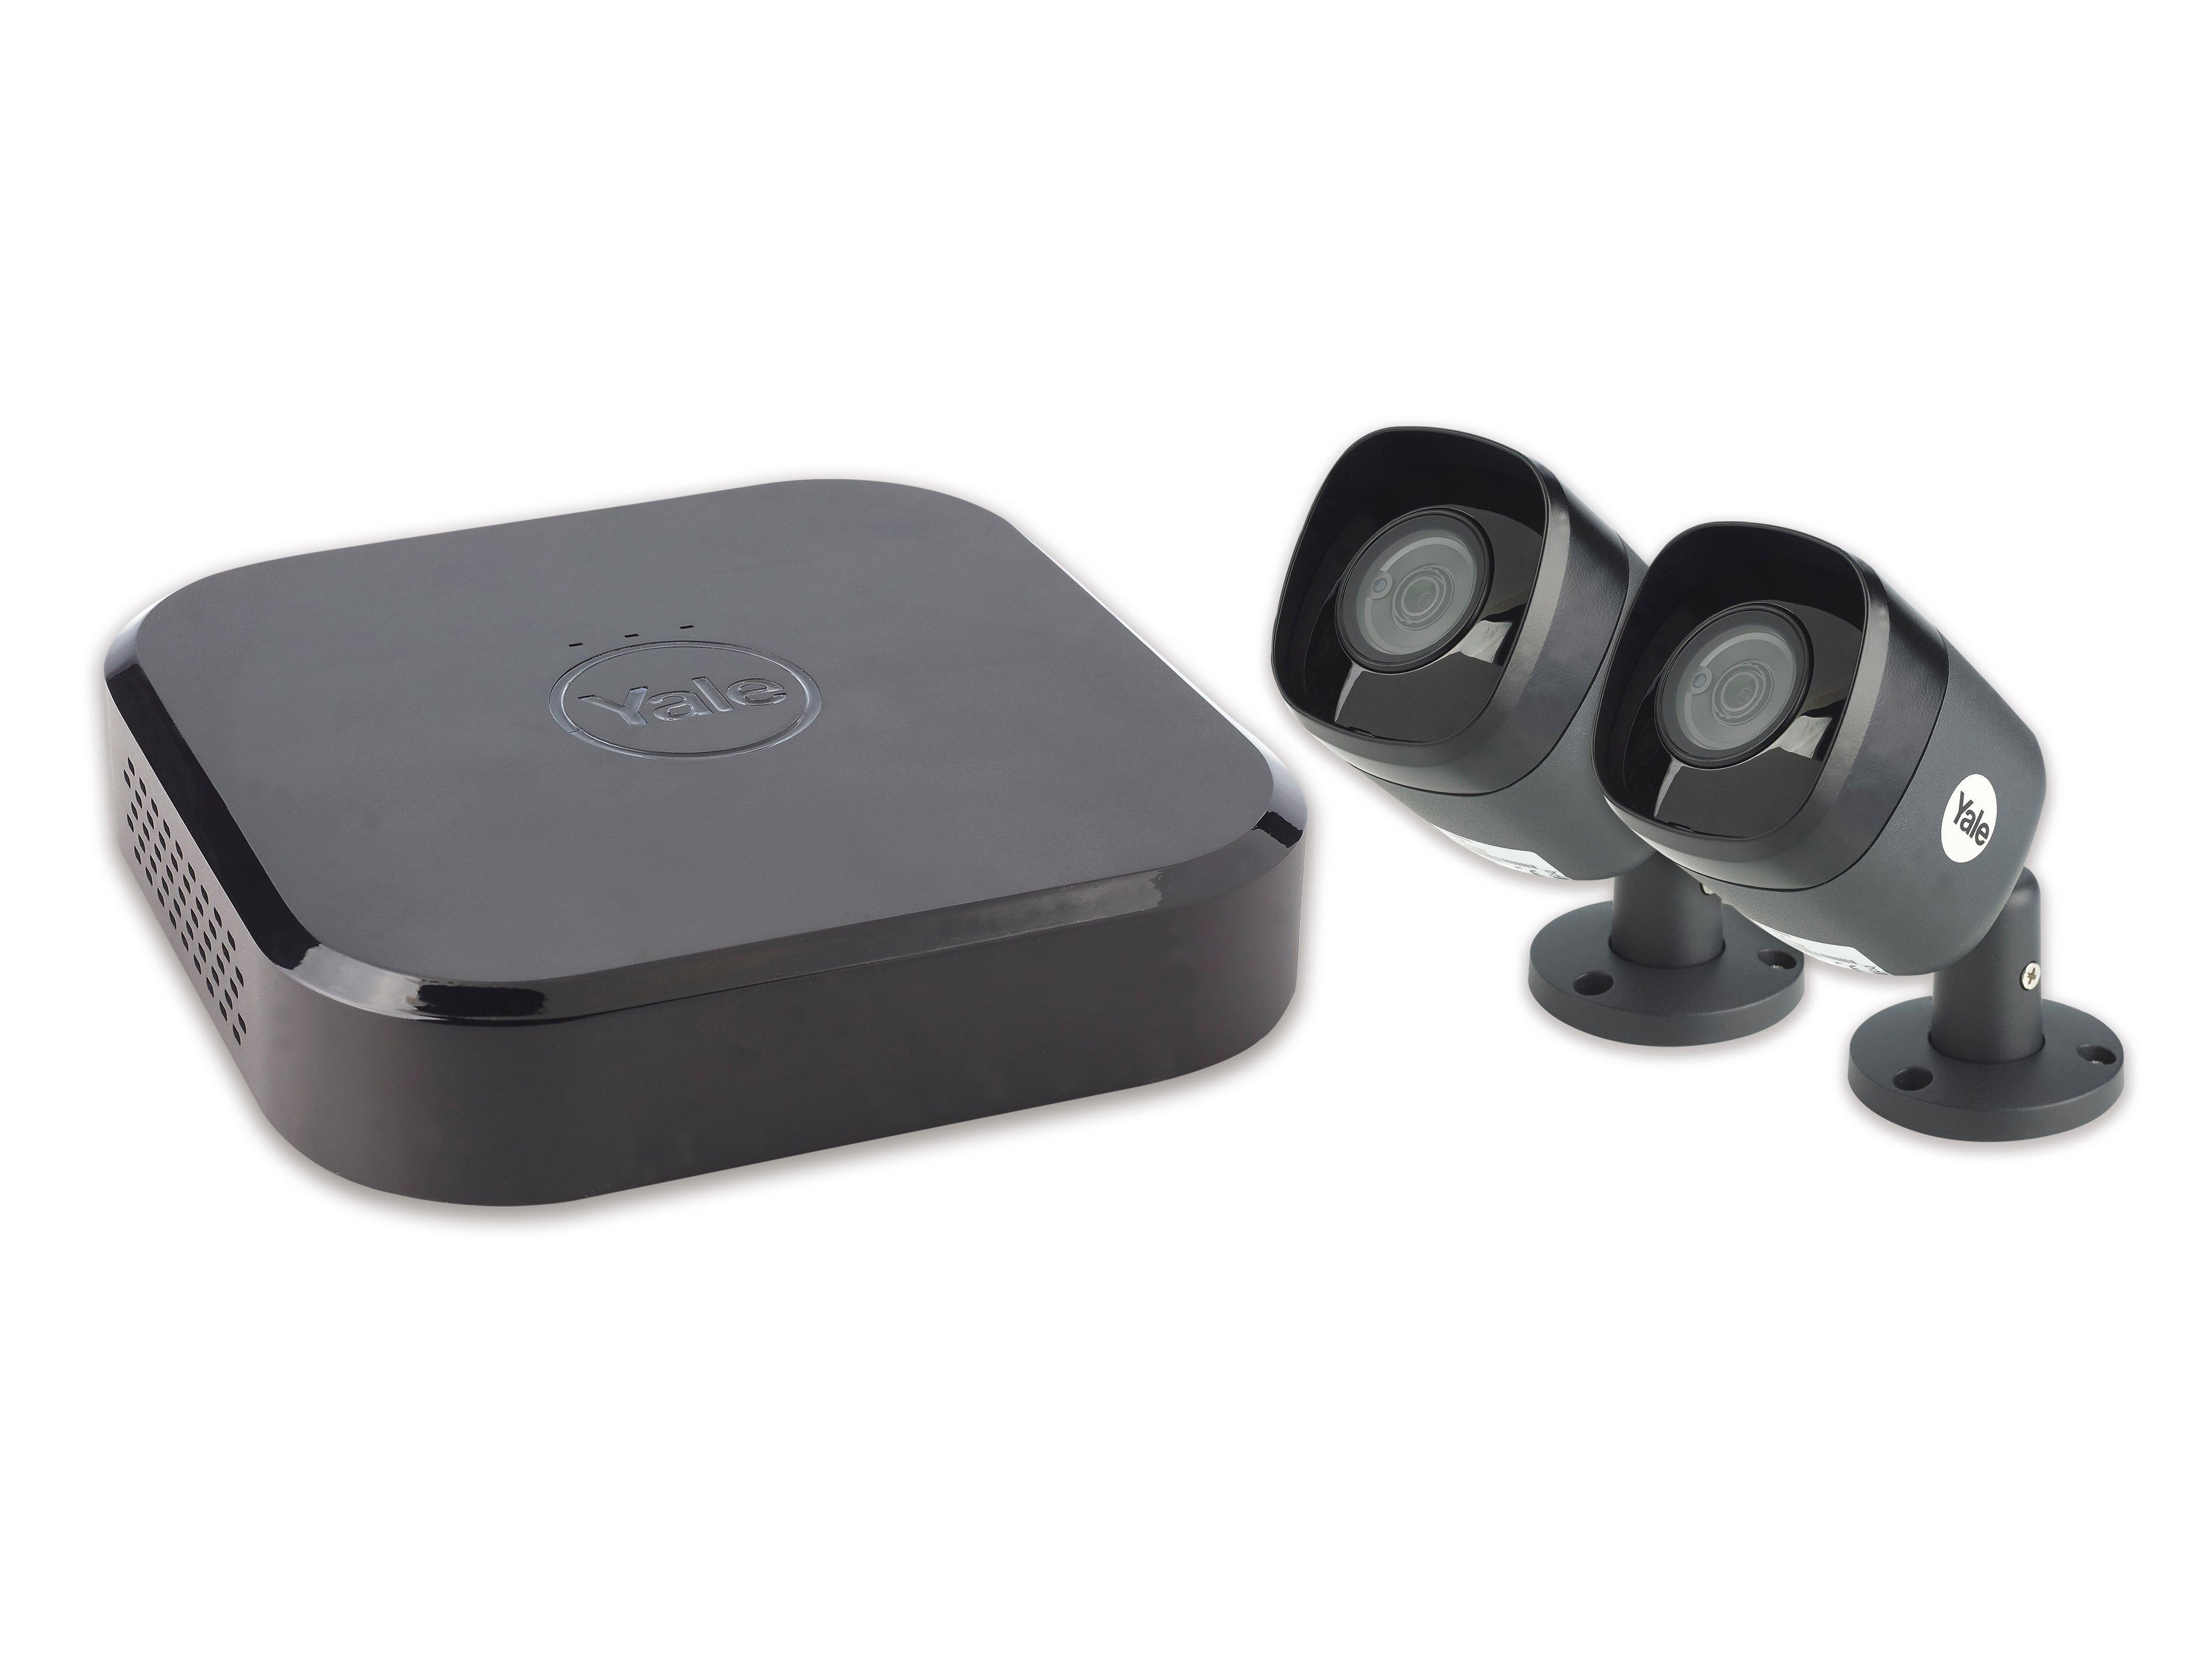 Kit de vidéosurveillance connecté